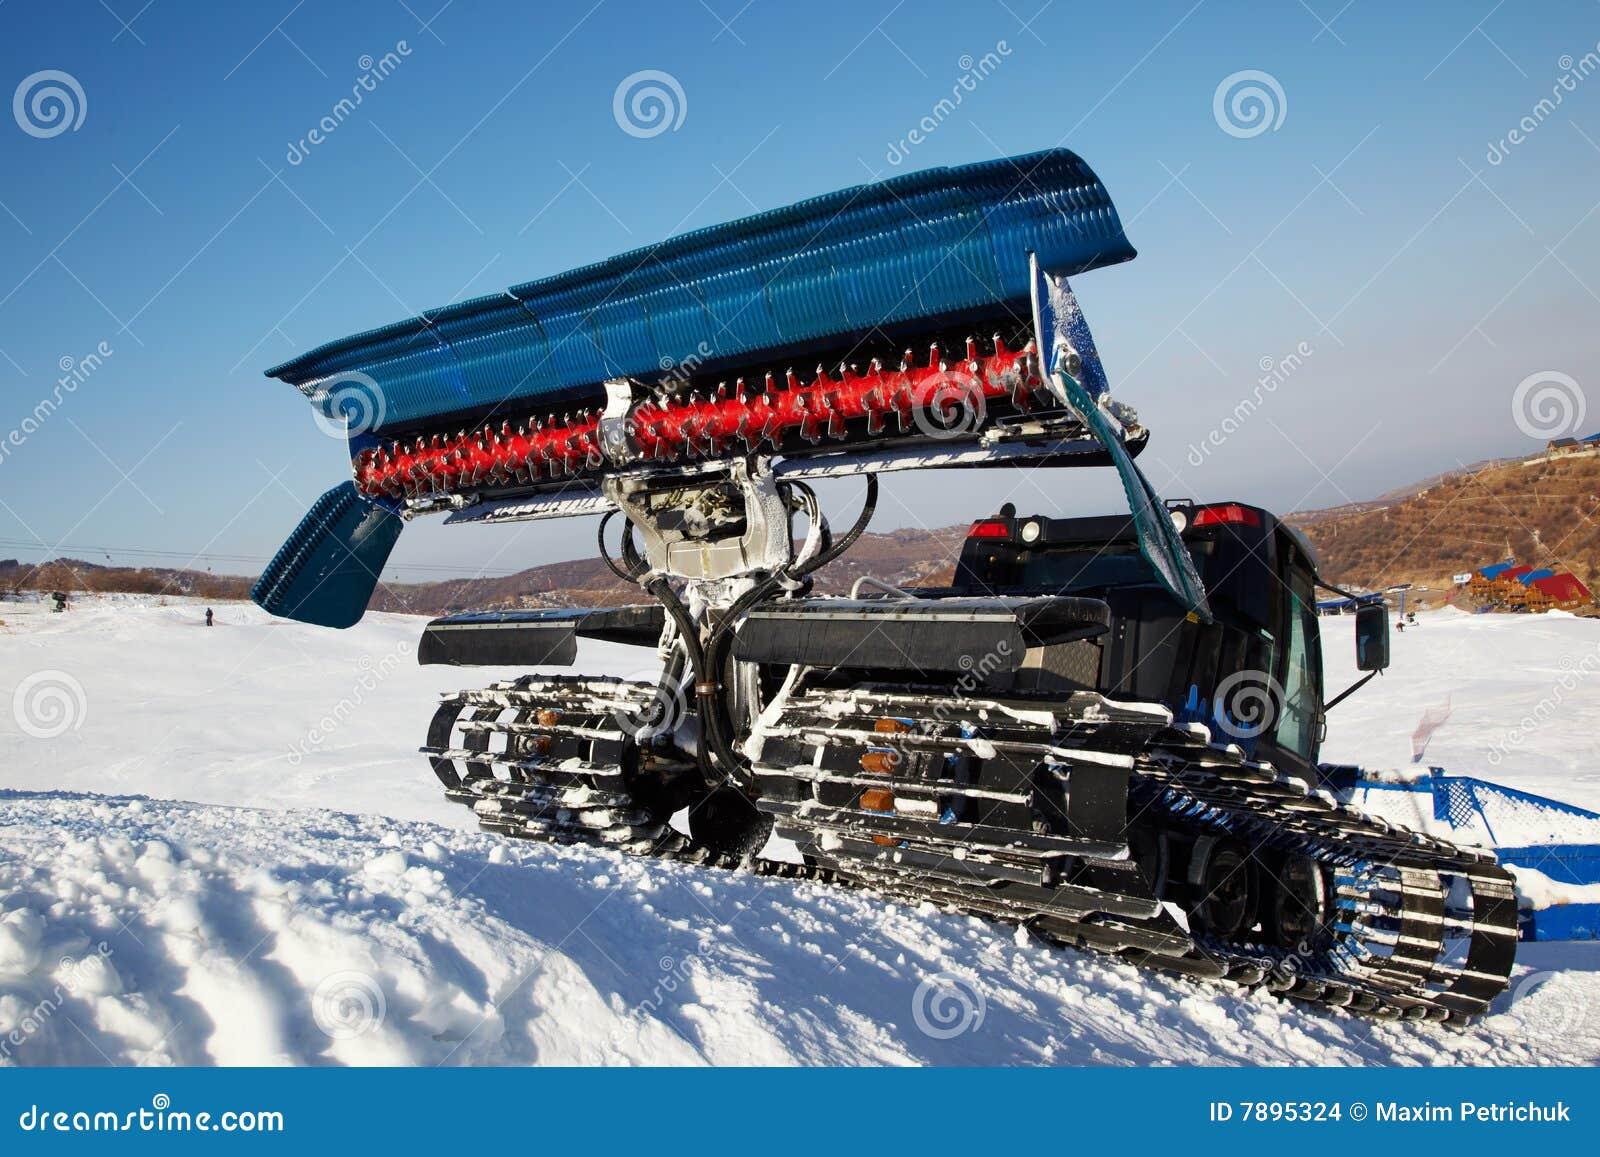 snow cat machine